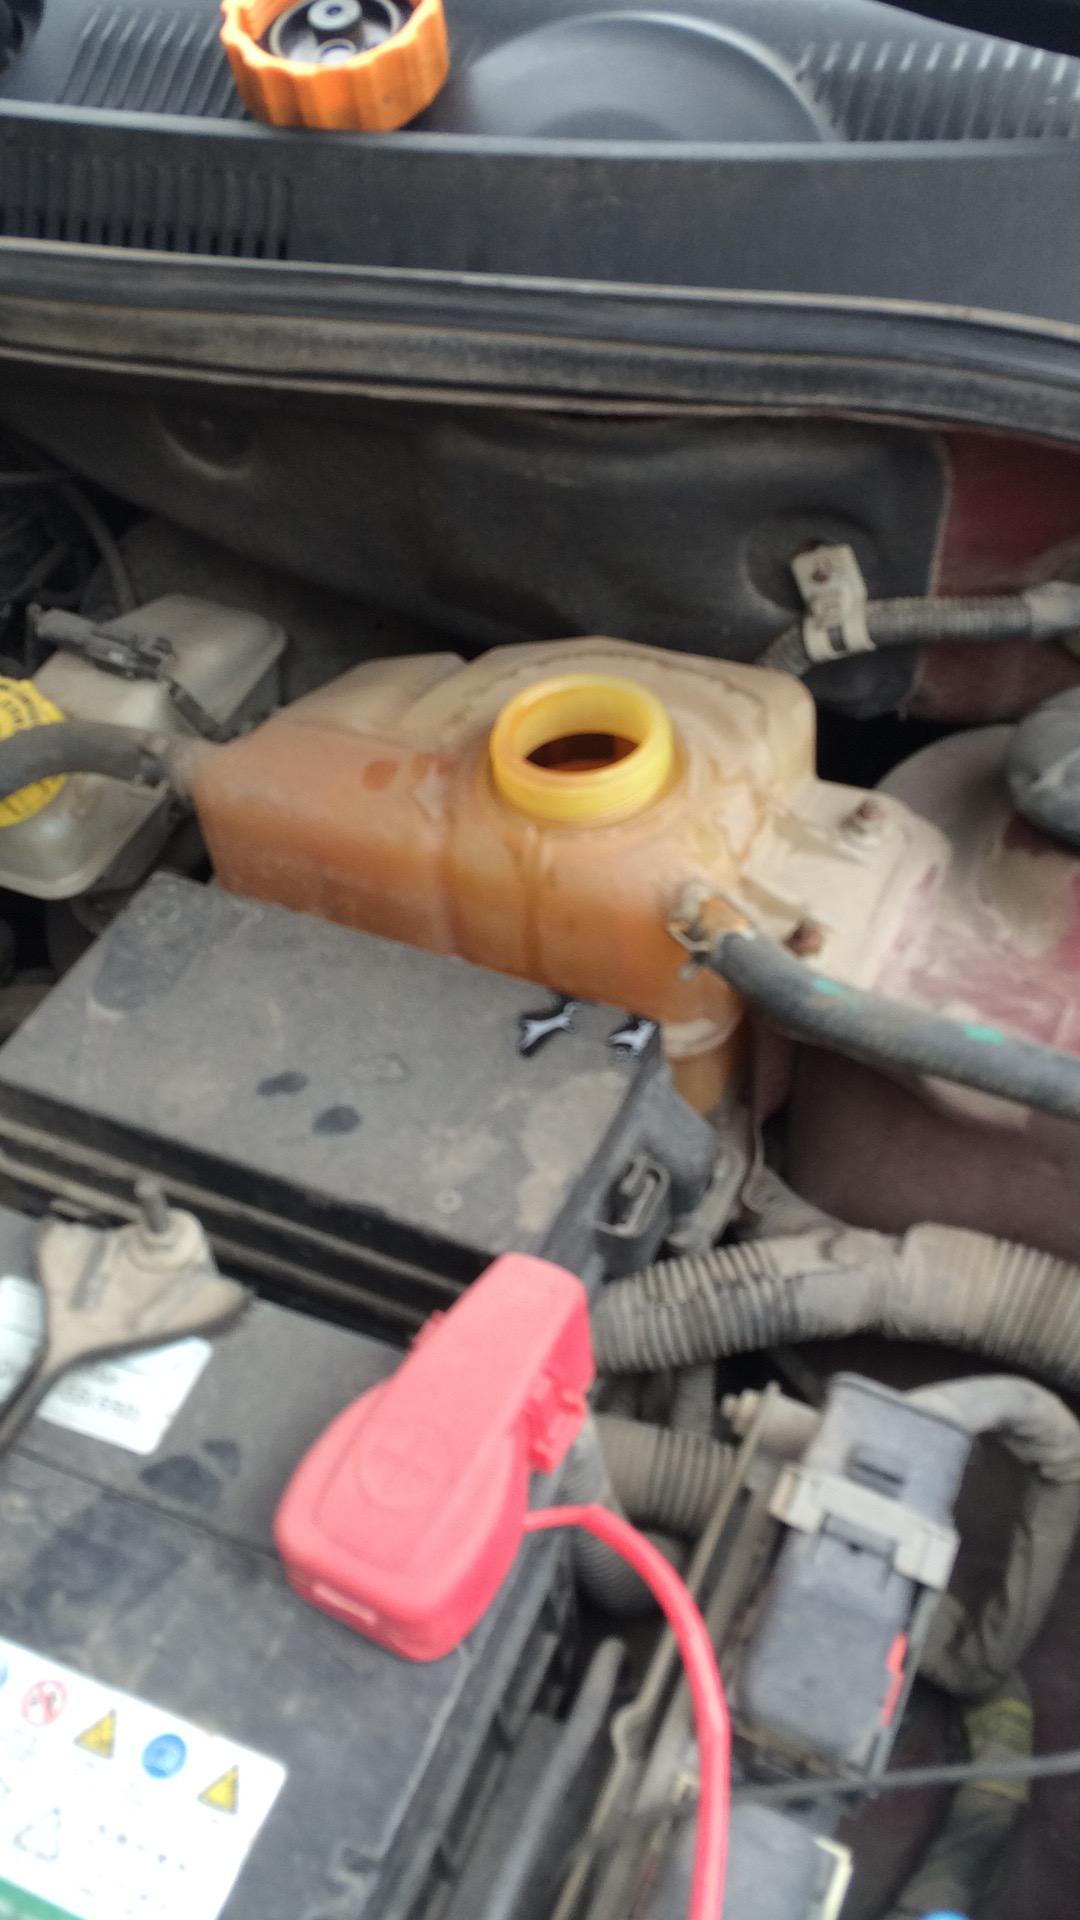 上汽通用-乐风  水箱烧干了没有提示